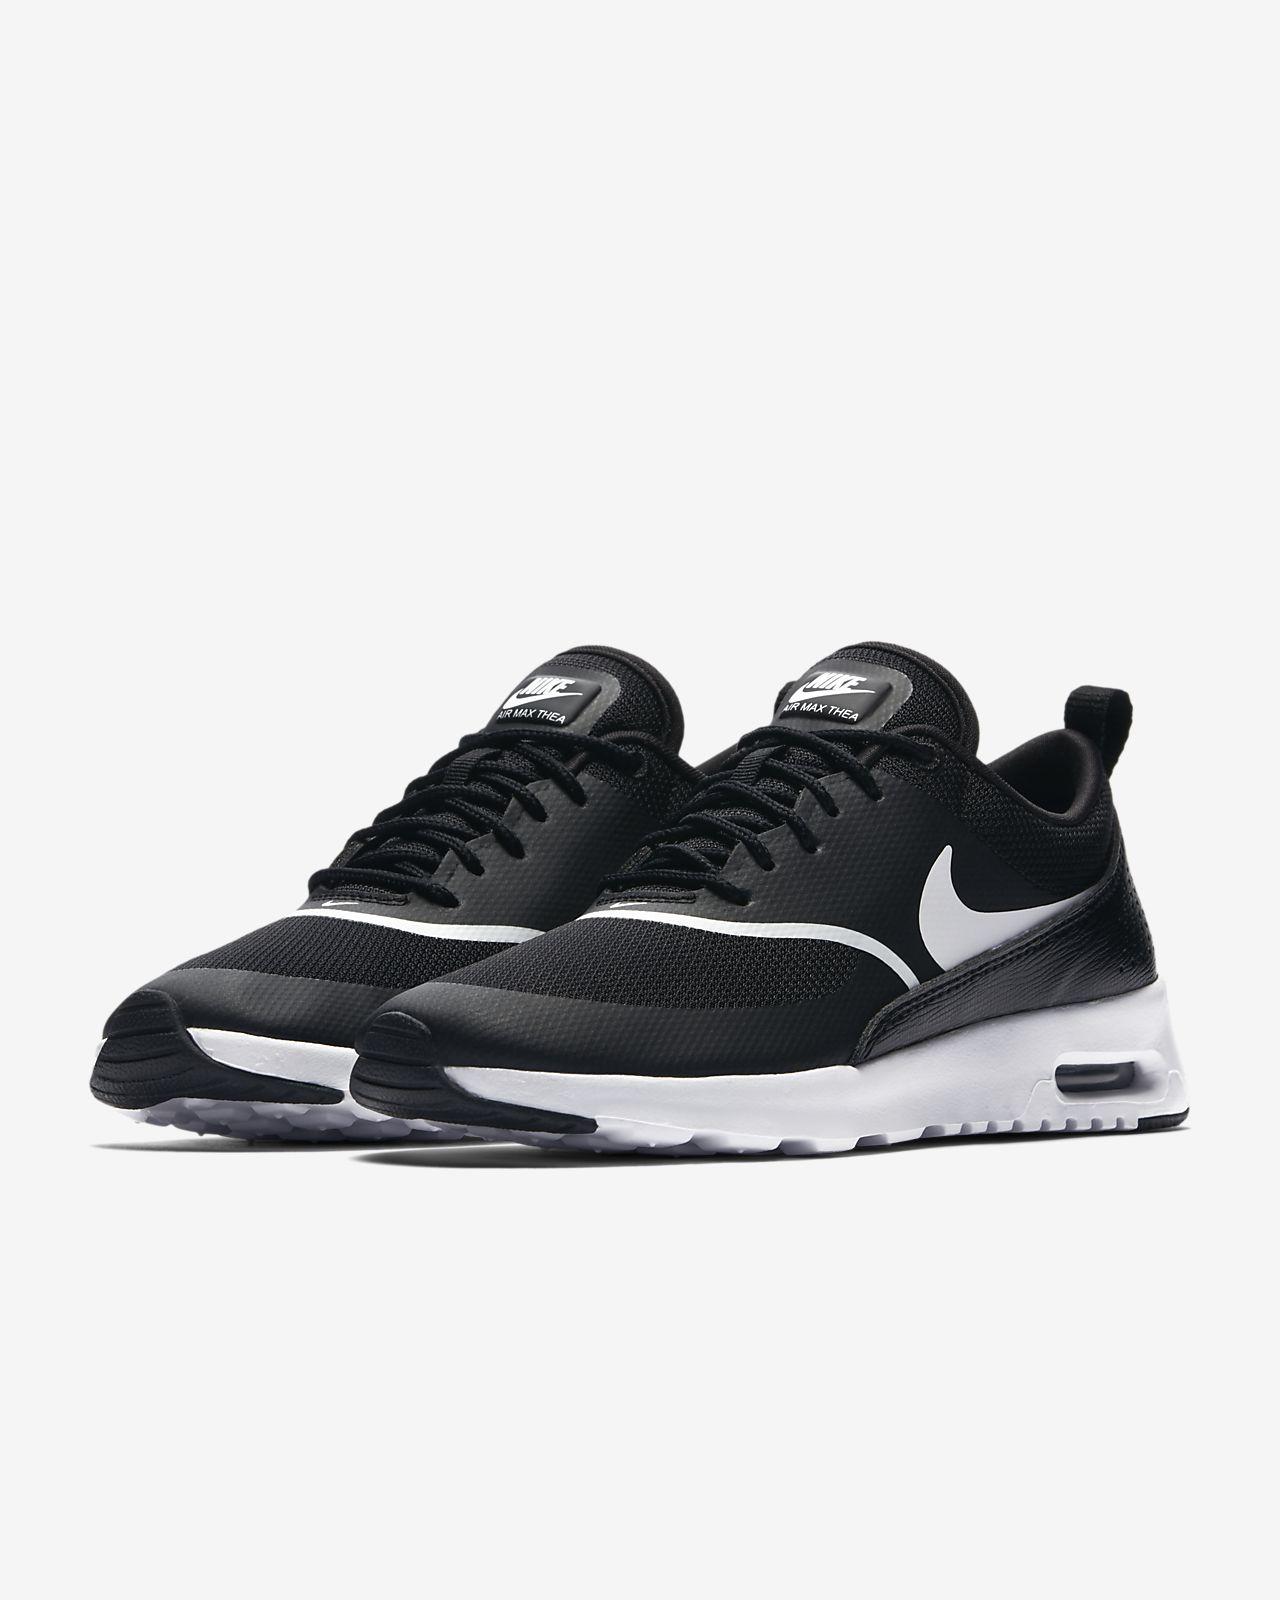 Nike Air Max Thea Damenschuh